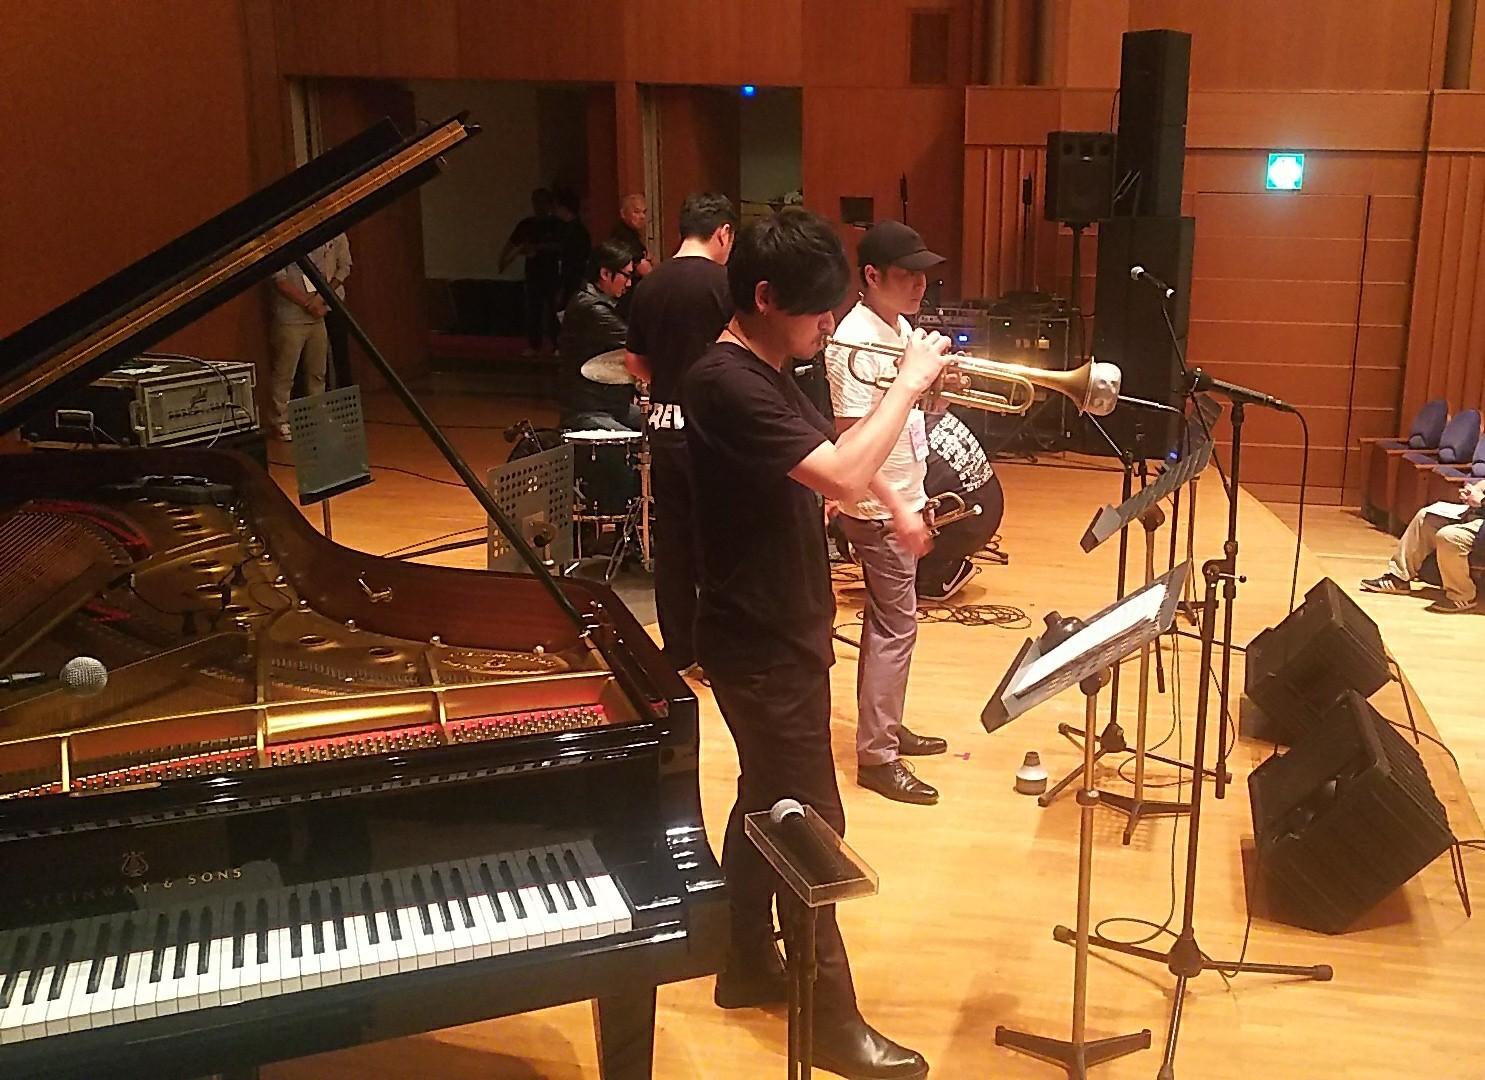 ご声援ありがとうございました!【次ナルJAZZ問答】横浜jazzプロムナード_d0244370_15575603.jpg